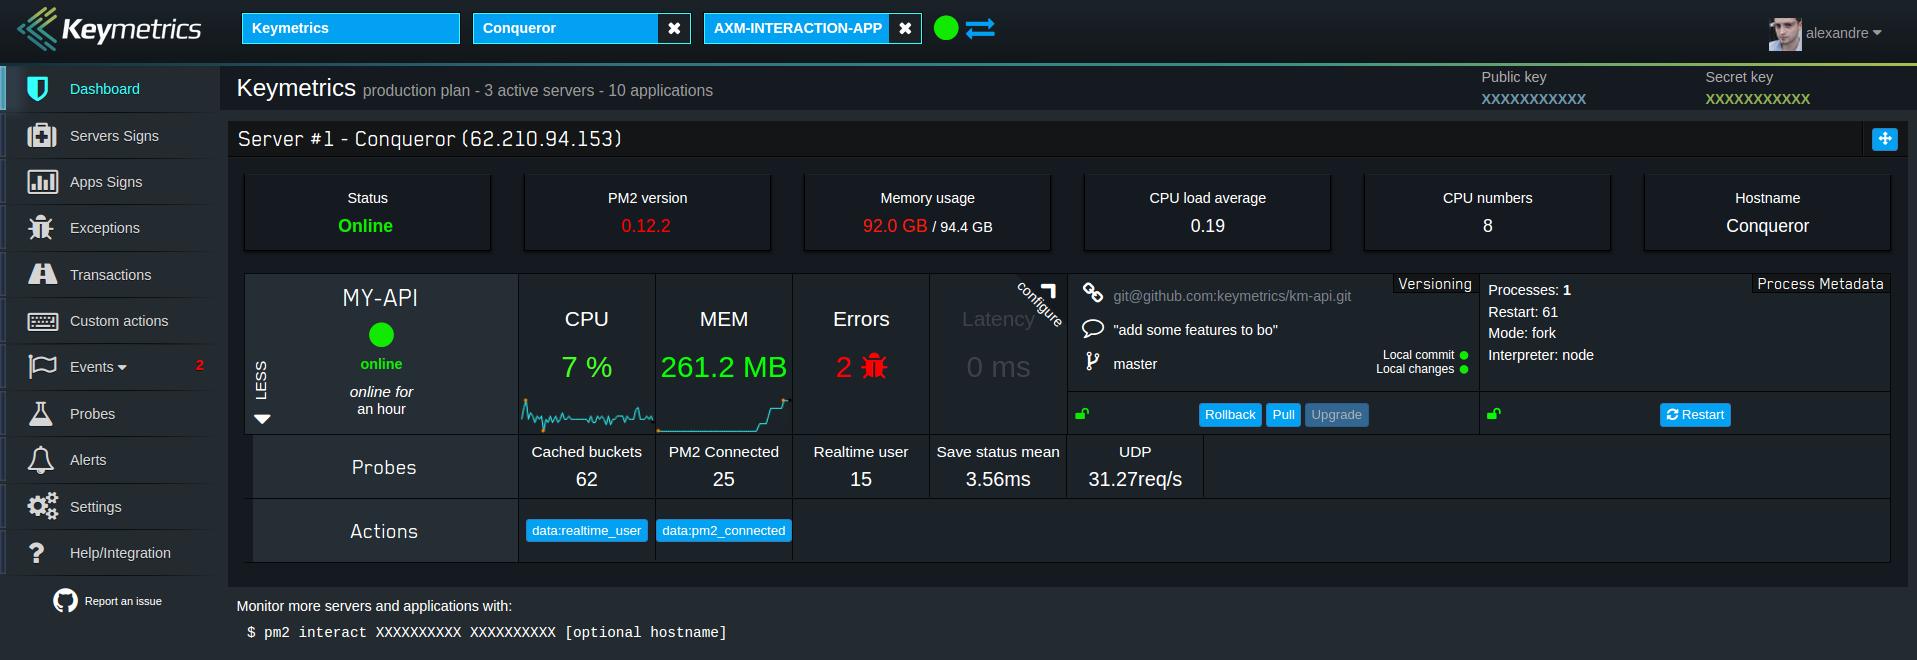 51 инструмент для APM и мониторинга серверов - 34